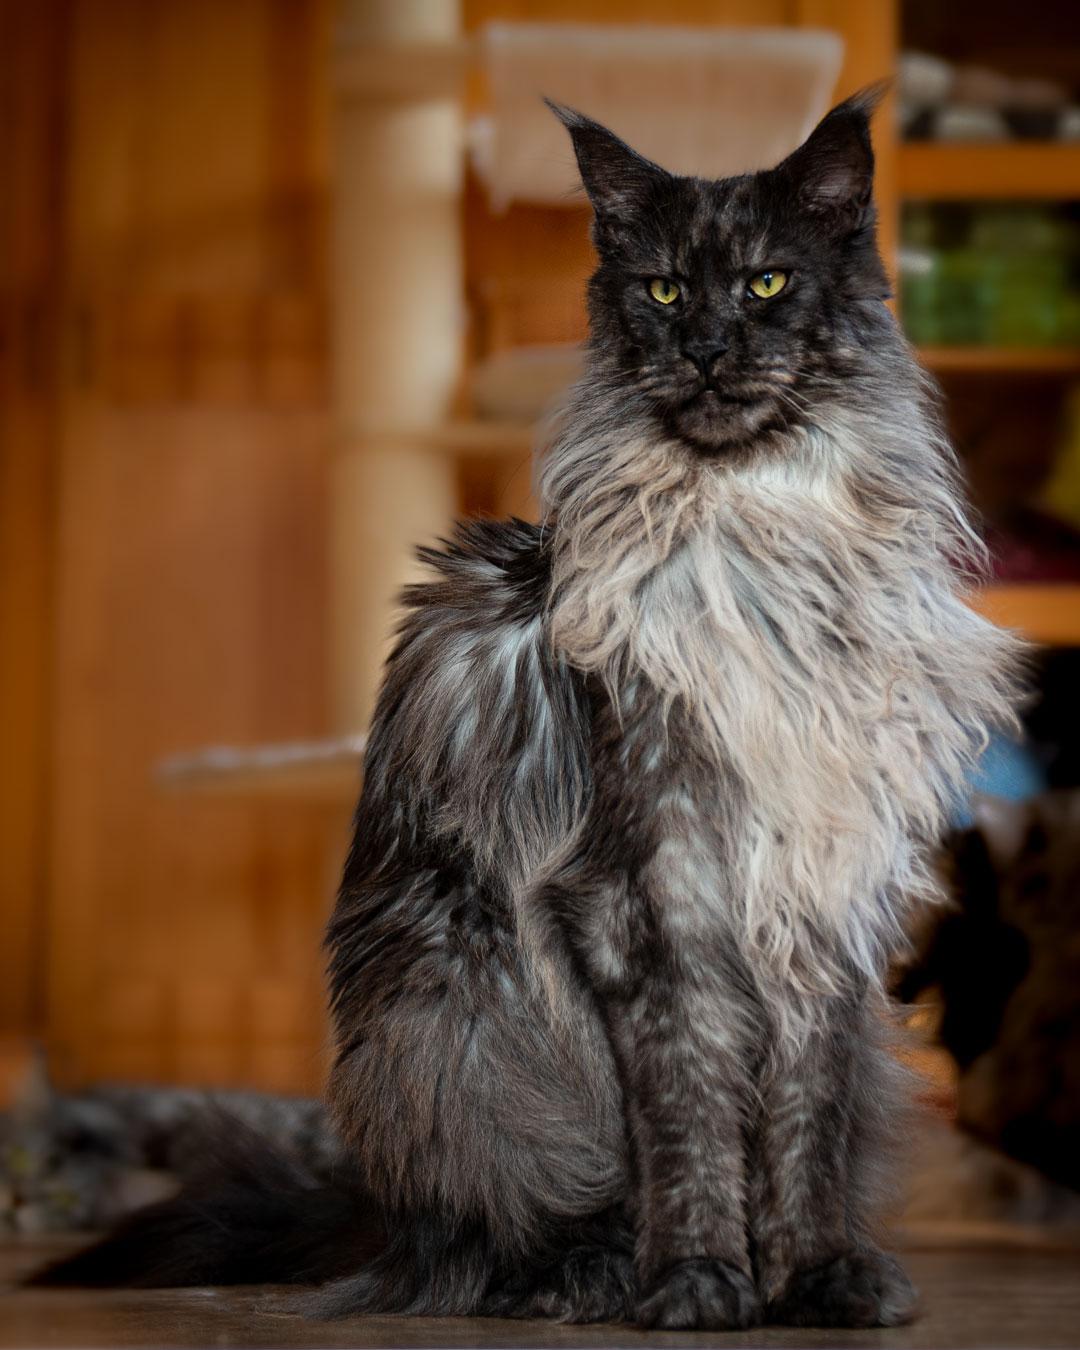 天堂級美貌緬因貓「獅子般氣場」 眼神「貴族王者風範」霸氣外露!